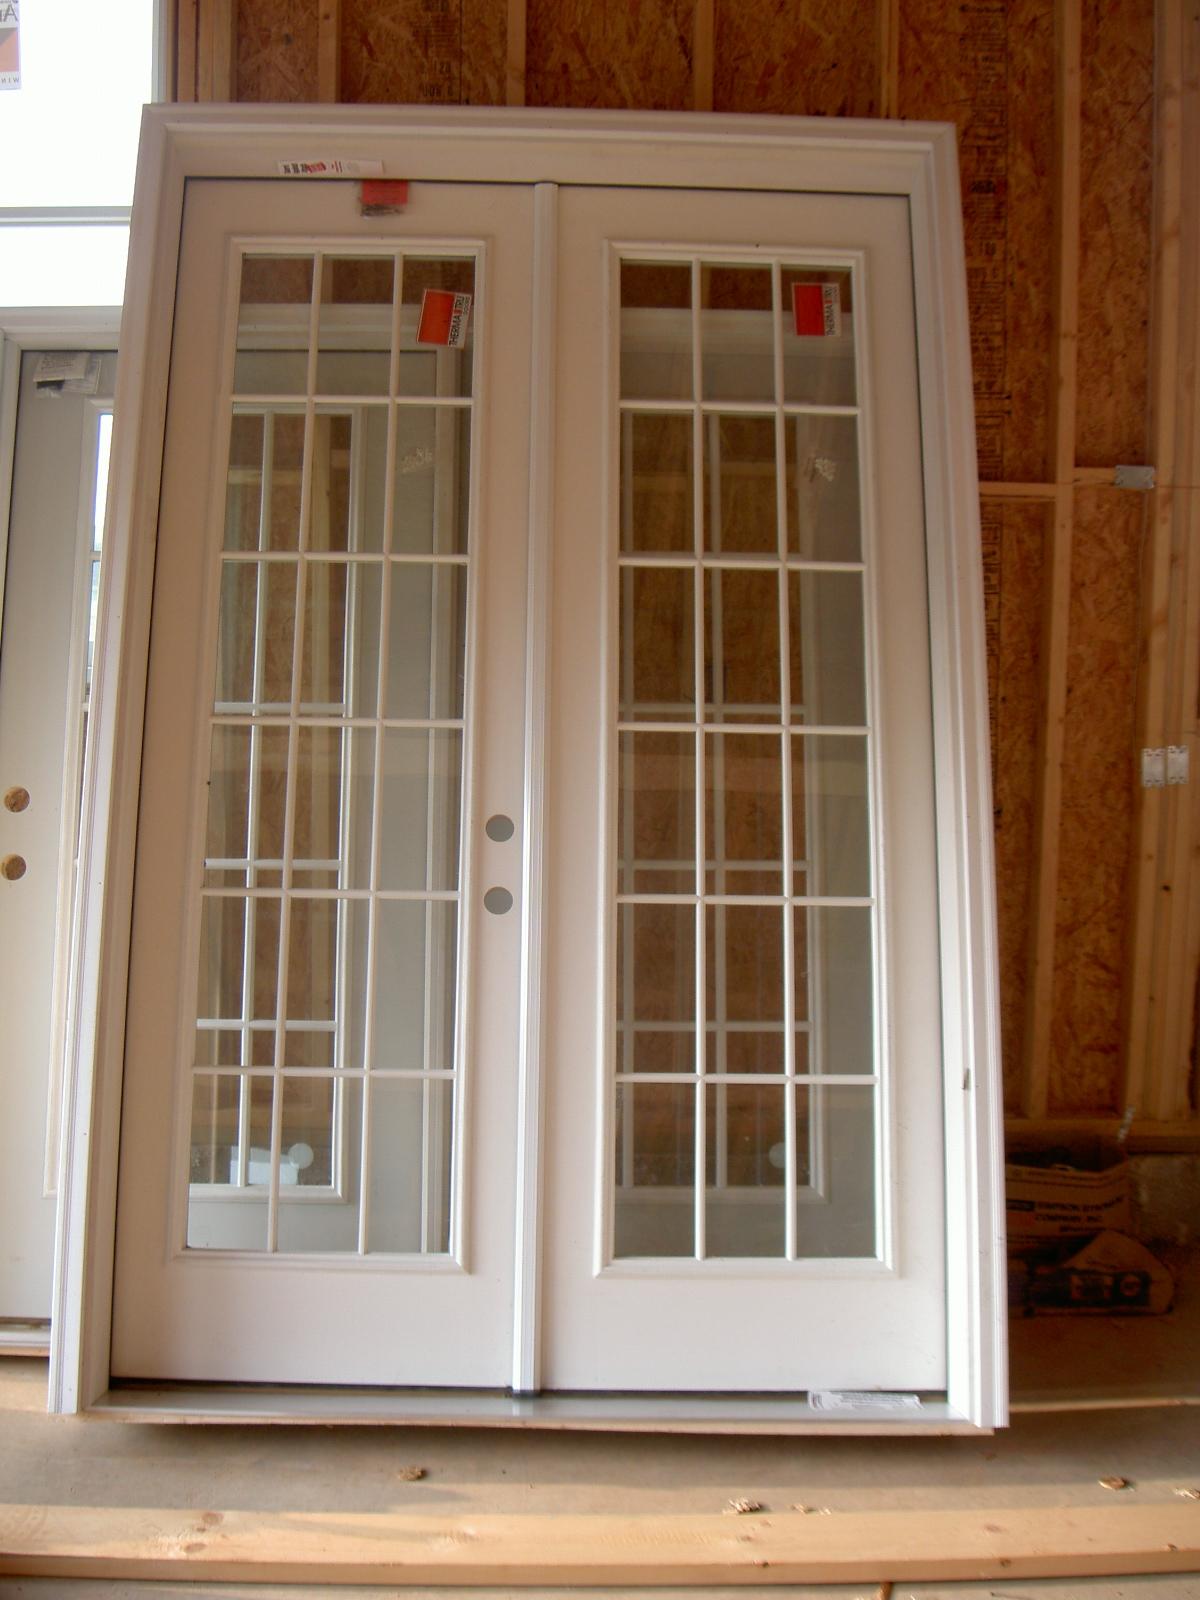 Wide door how wide is the front door we are looking at Extra wide front doors